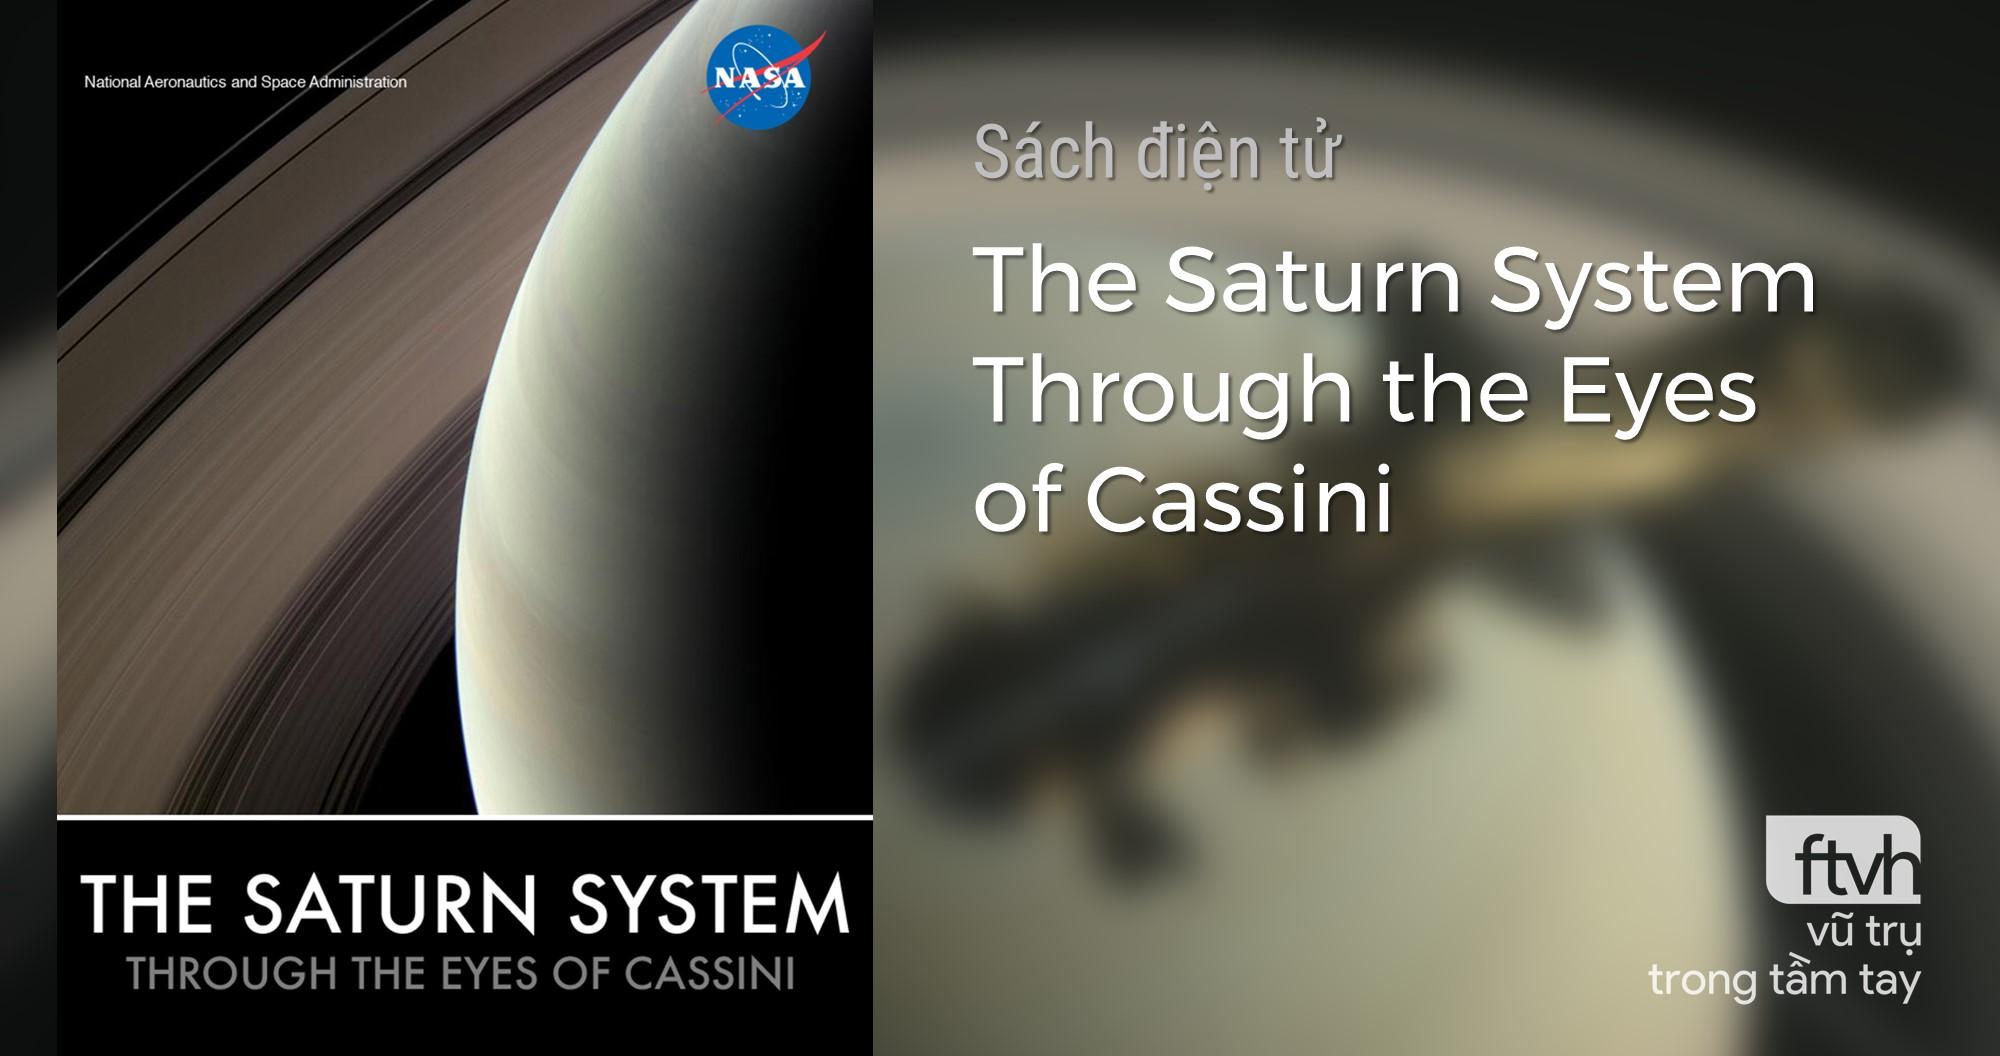 [Ebook] The Saturn System Through the Eyes of Cassini – Hệ thống của Sao Thổ qua mắt nhìn của Cassini